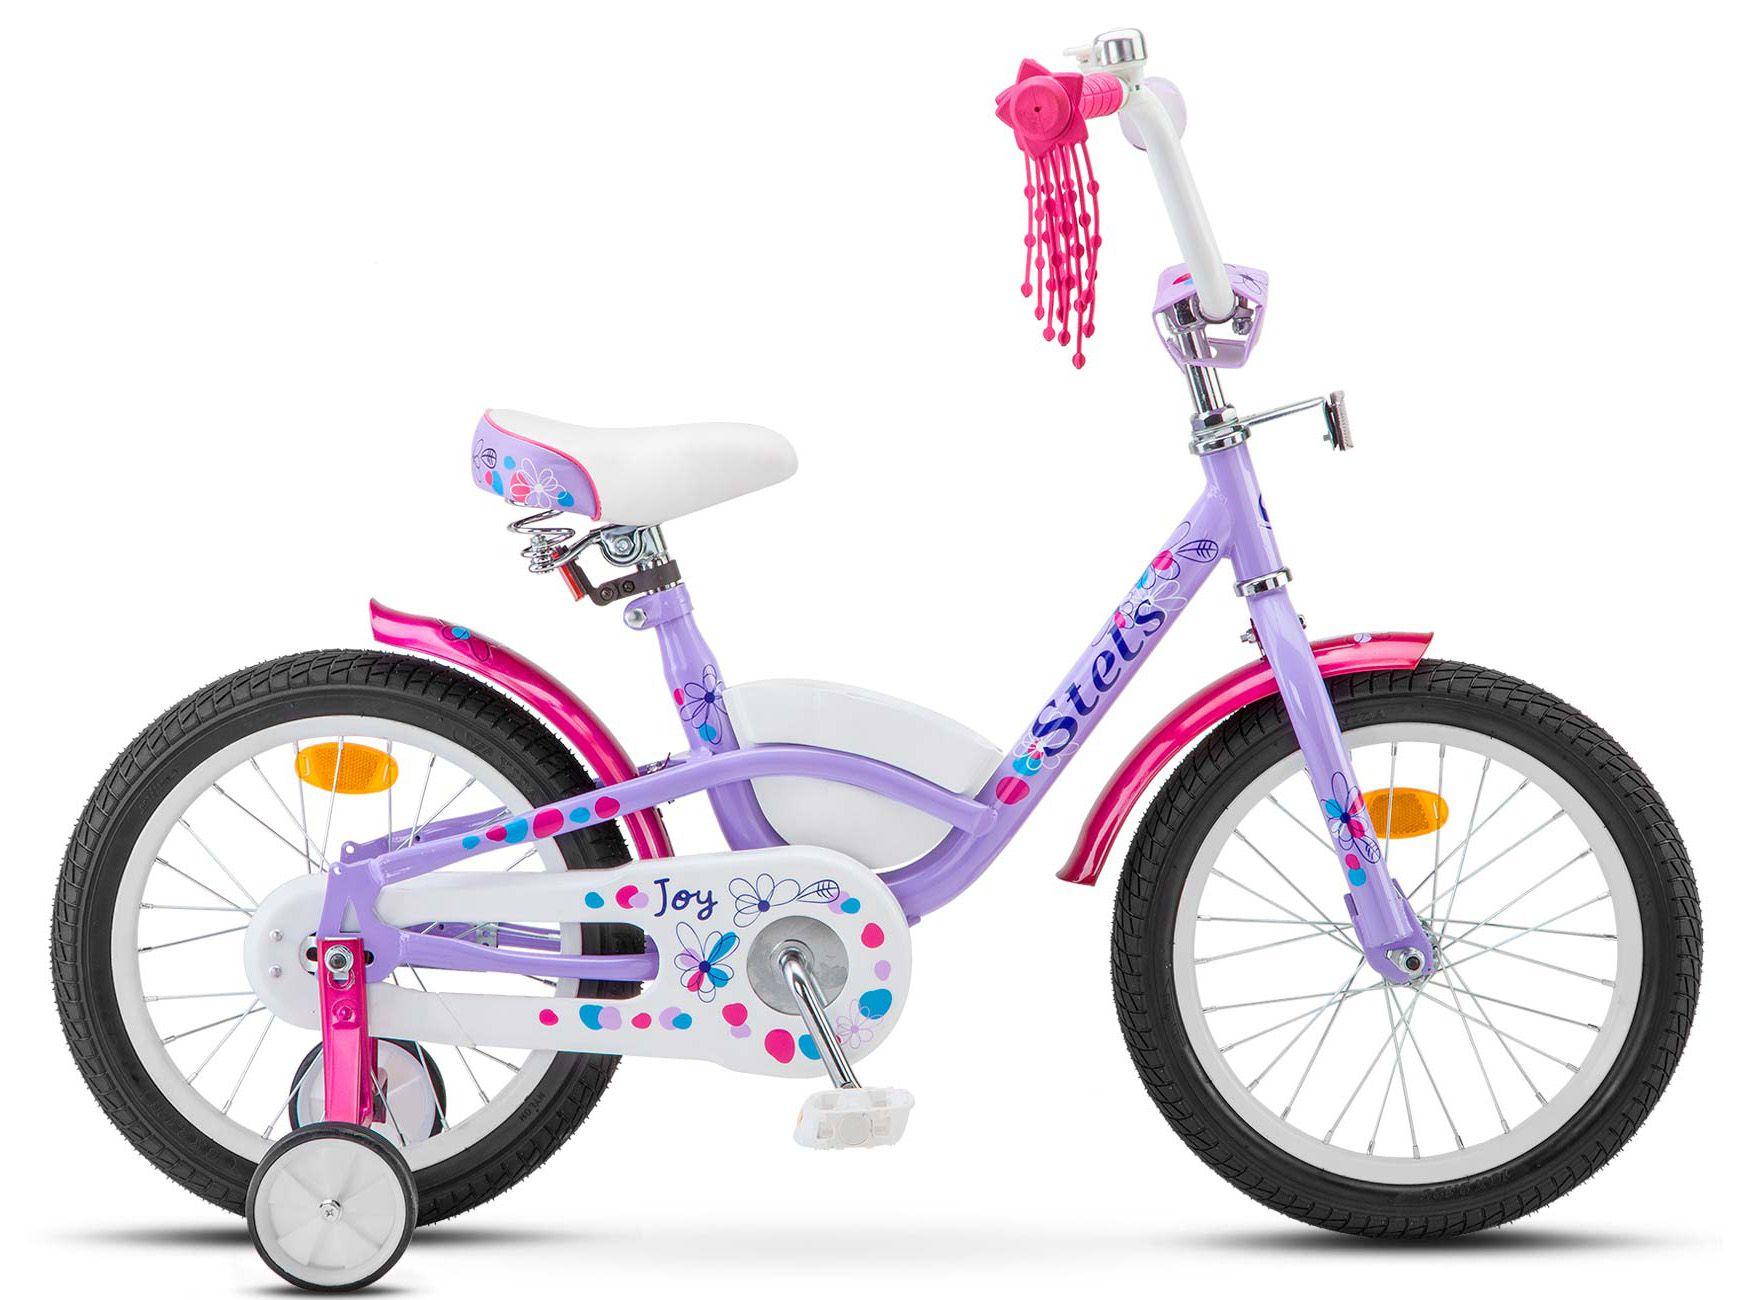 цены на Велосипед Stels Joy 16 (V020) 2018 в интернет-магазинах